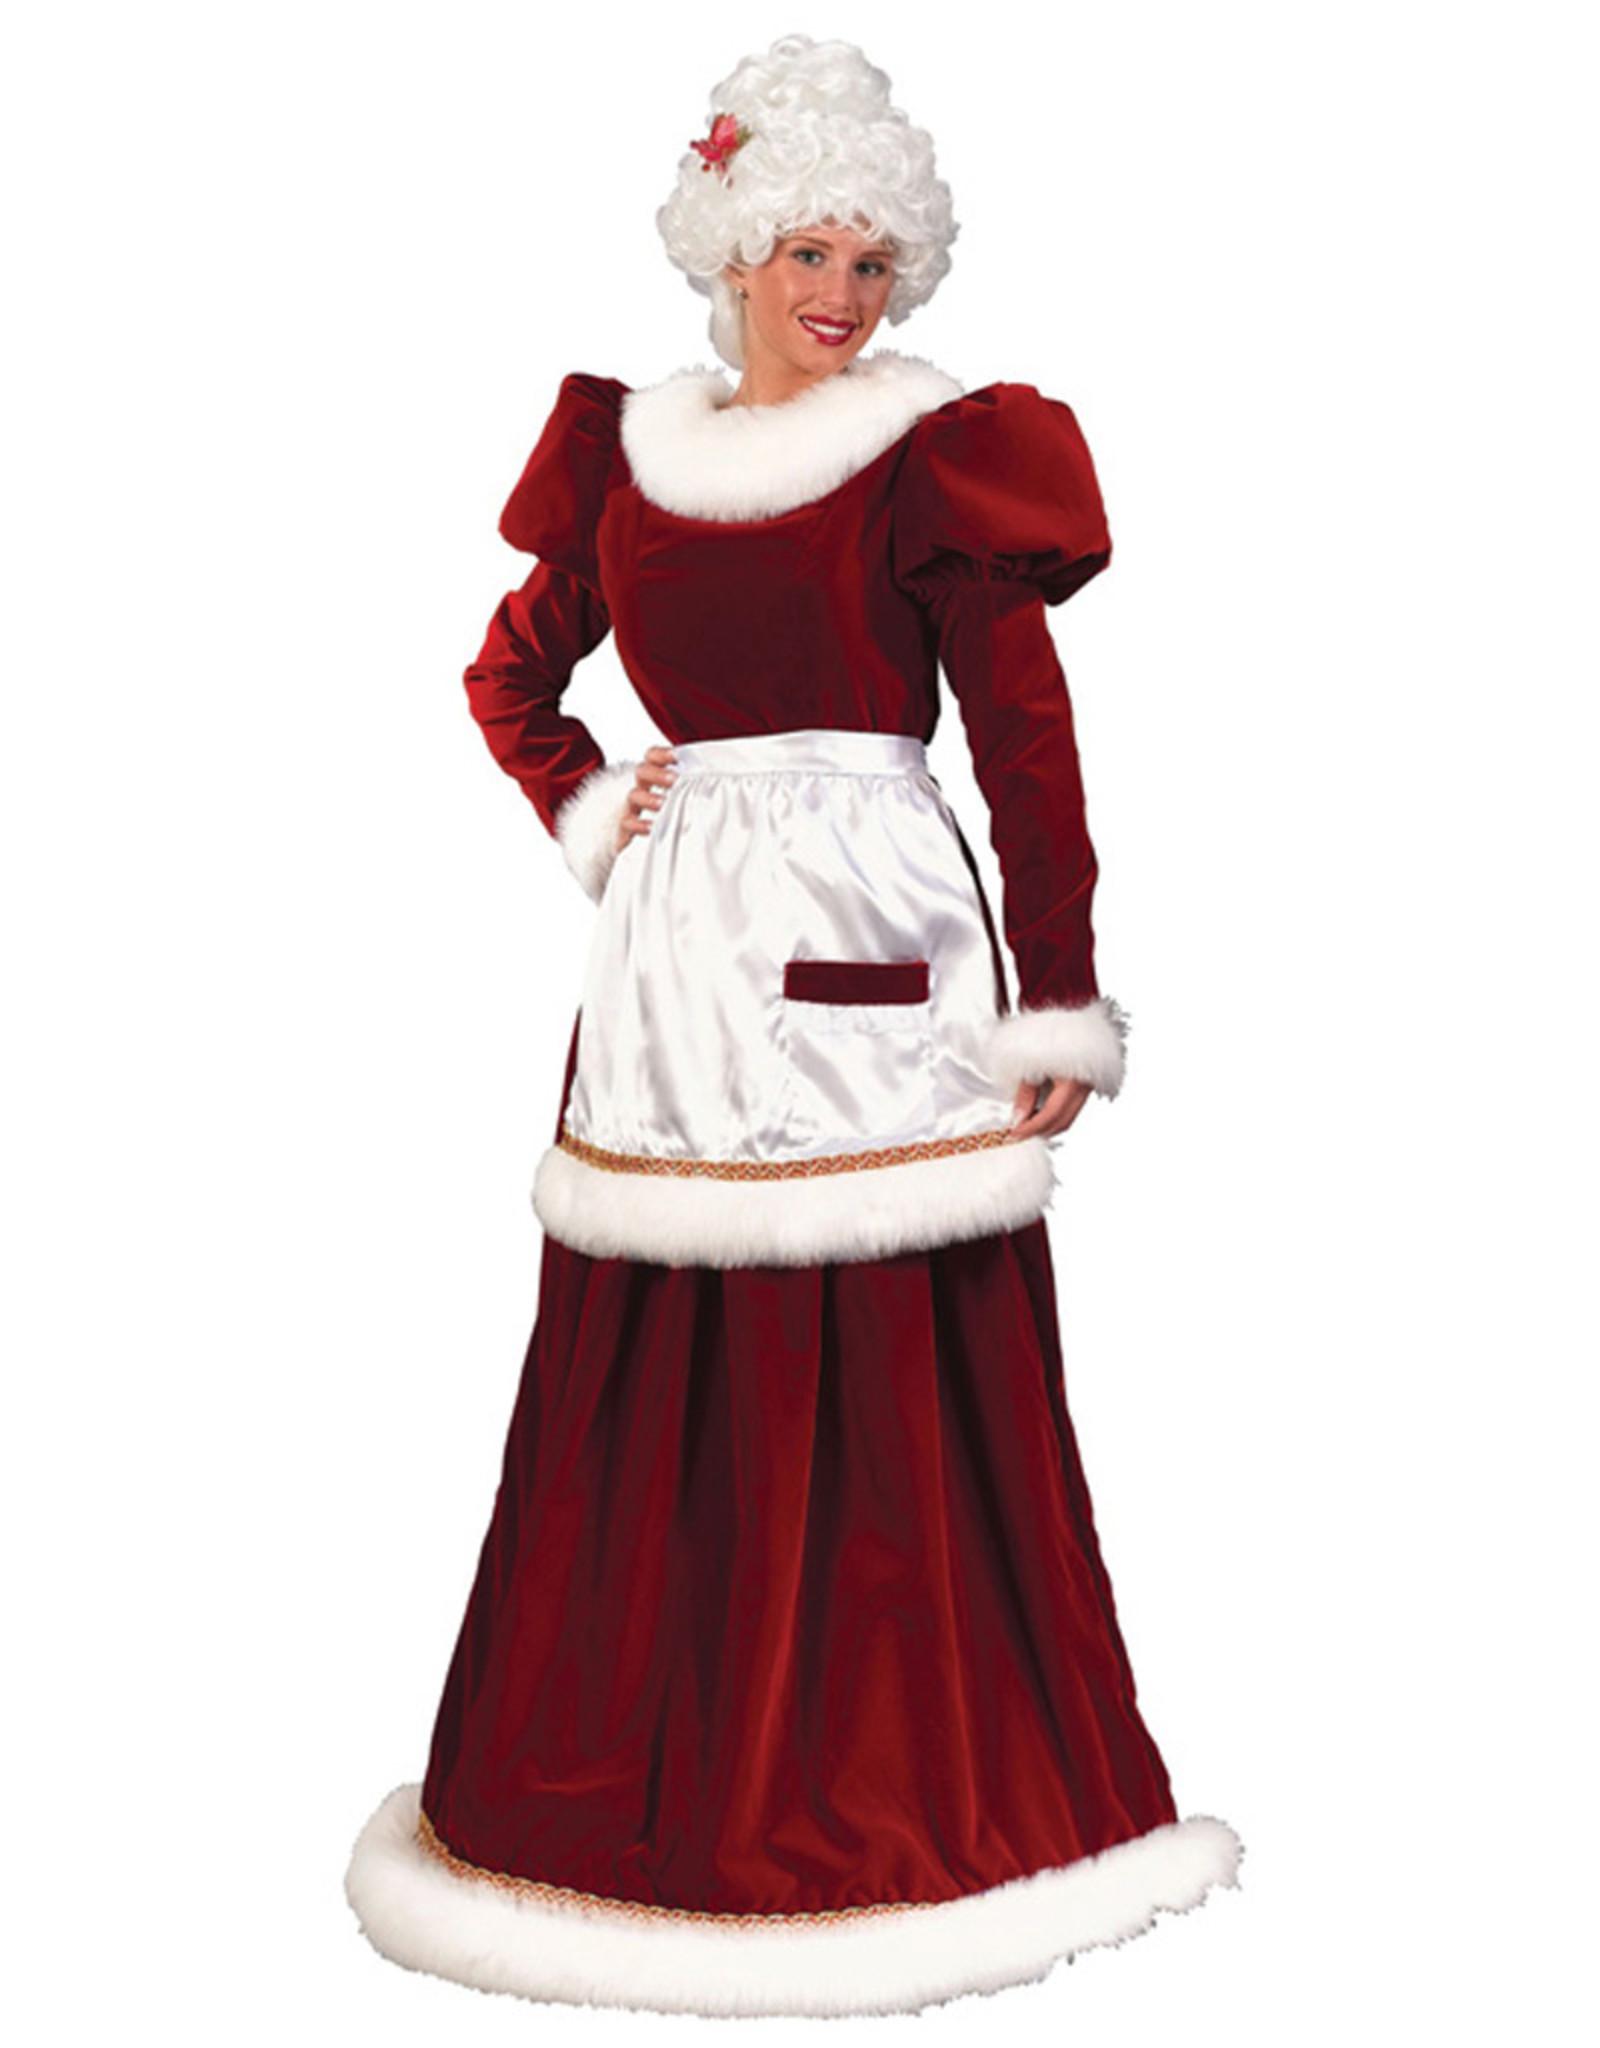 FUN WORLD Velvet Mrs. Claus Costume - Women's